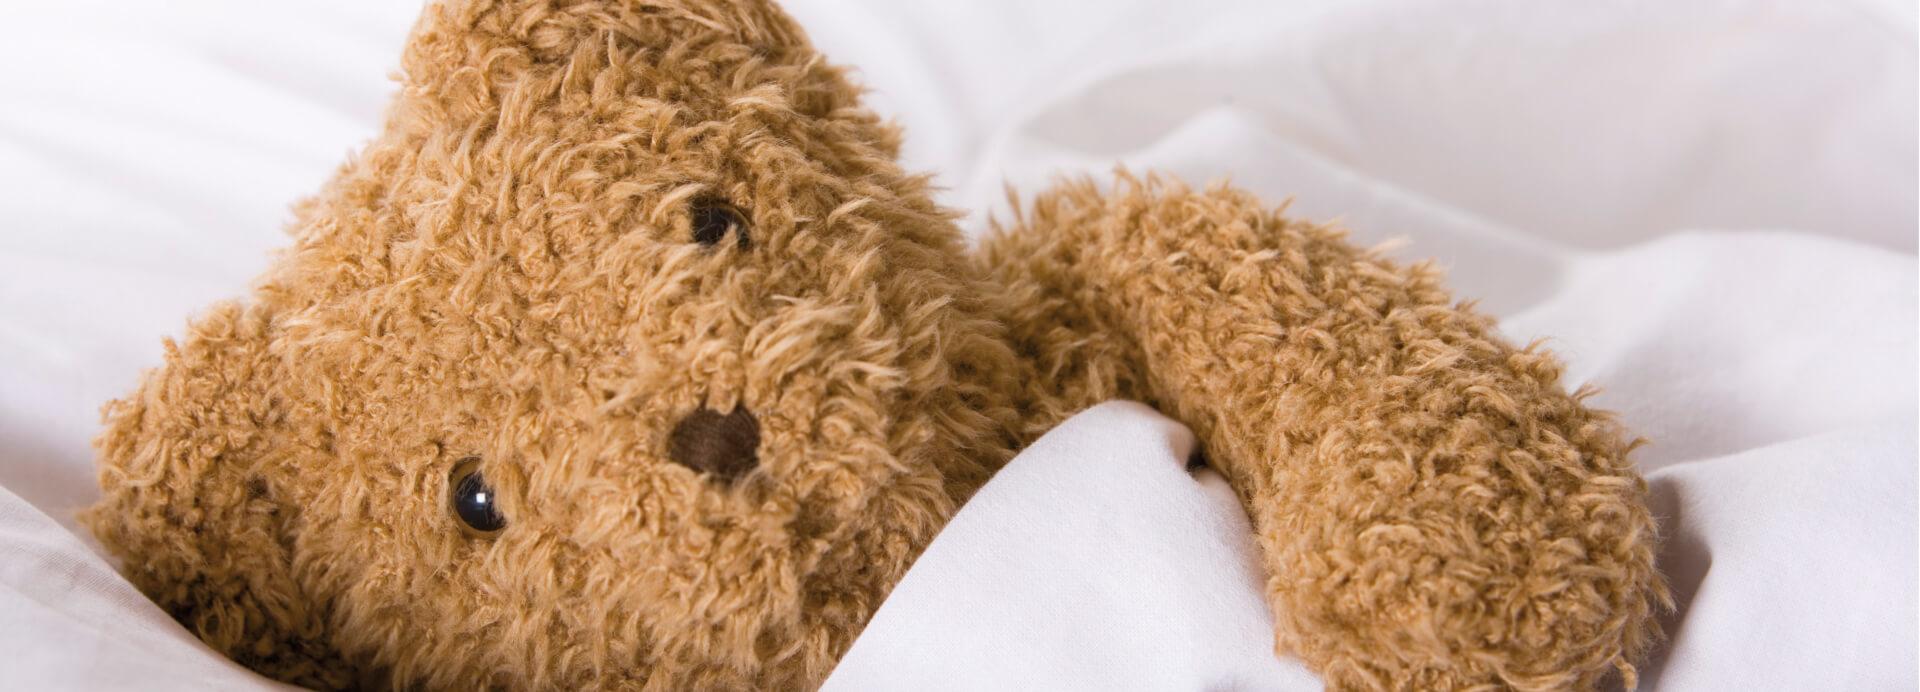 bettdecken allergie hausstaubmilben luftfeuchtigkeit schlafzimmer erh hen bettw sche jerymood. Black Bedroom Furniture Sets. Home Design Ideas